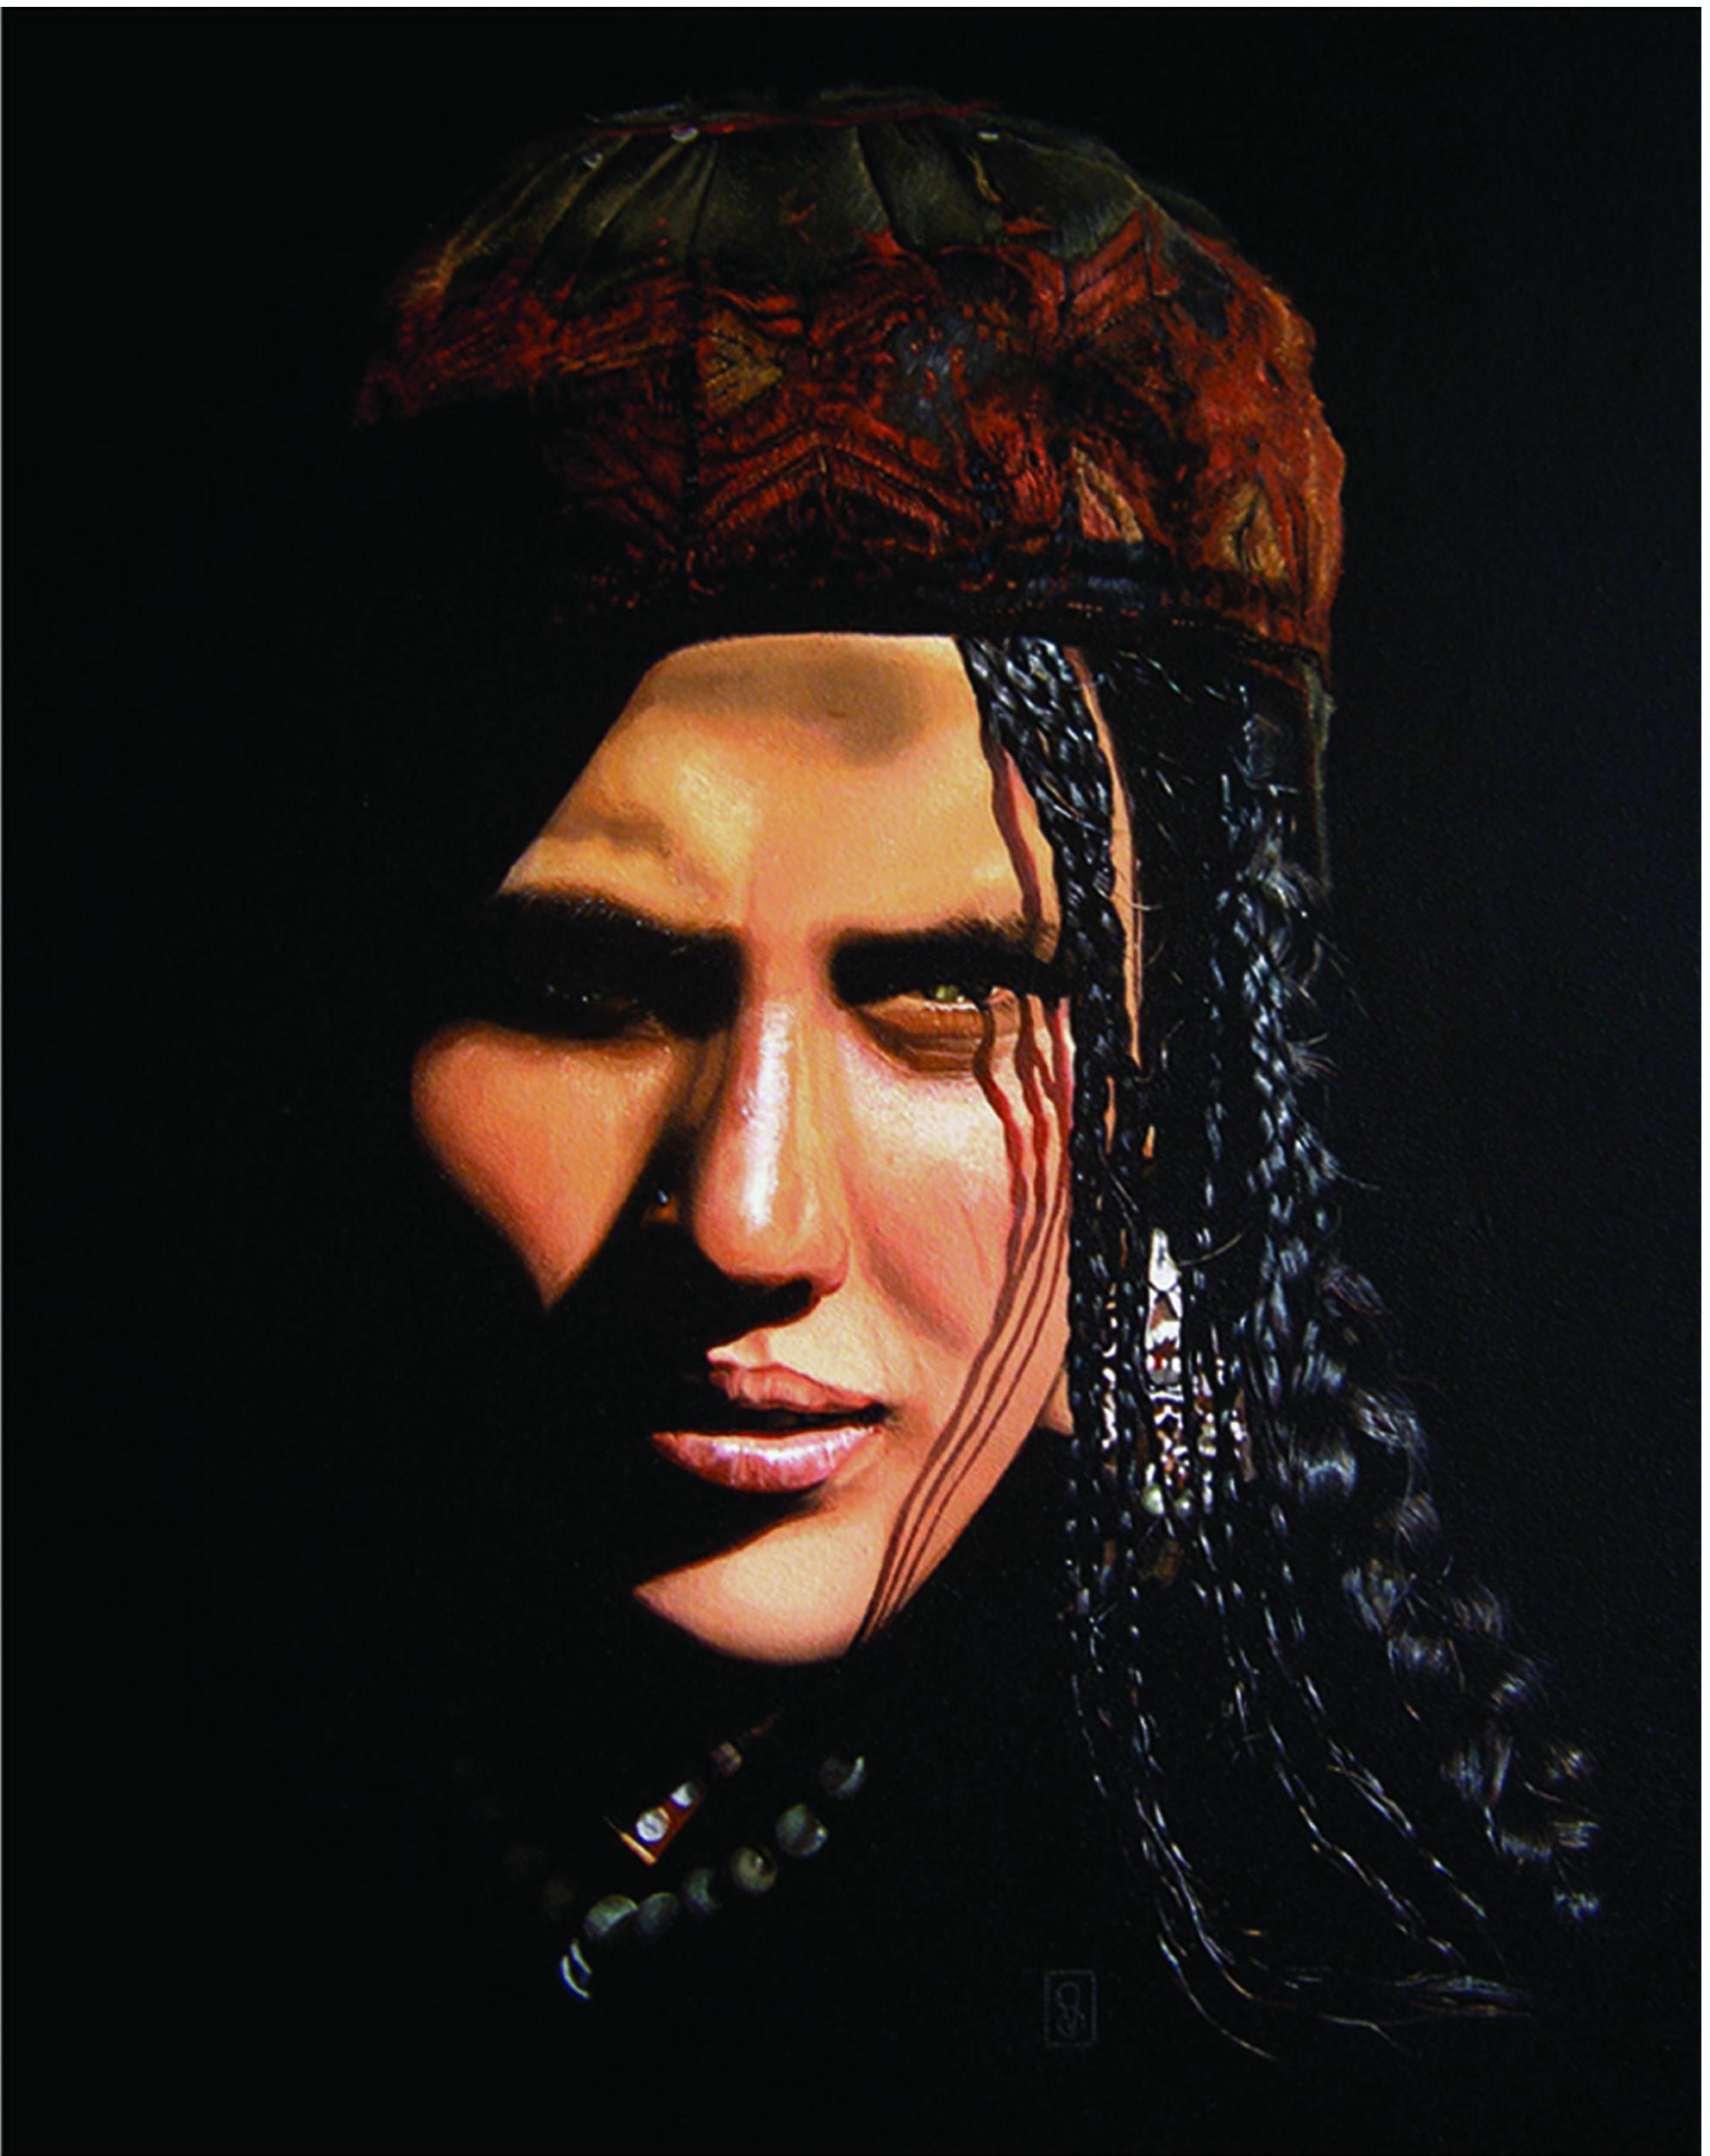 Vicky Sanders Realistic - Afghan Woman